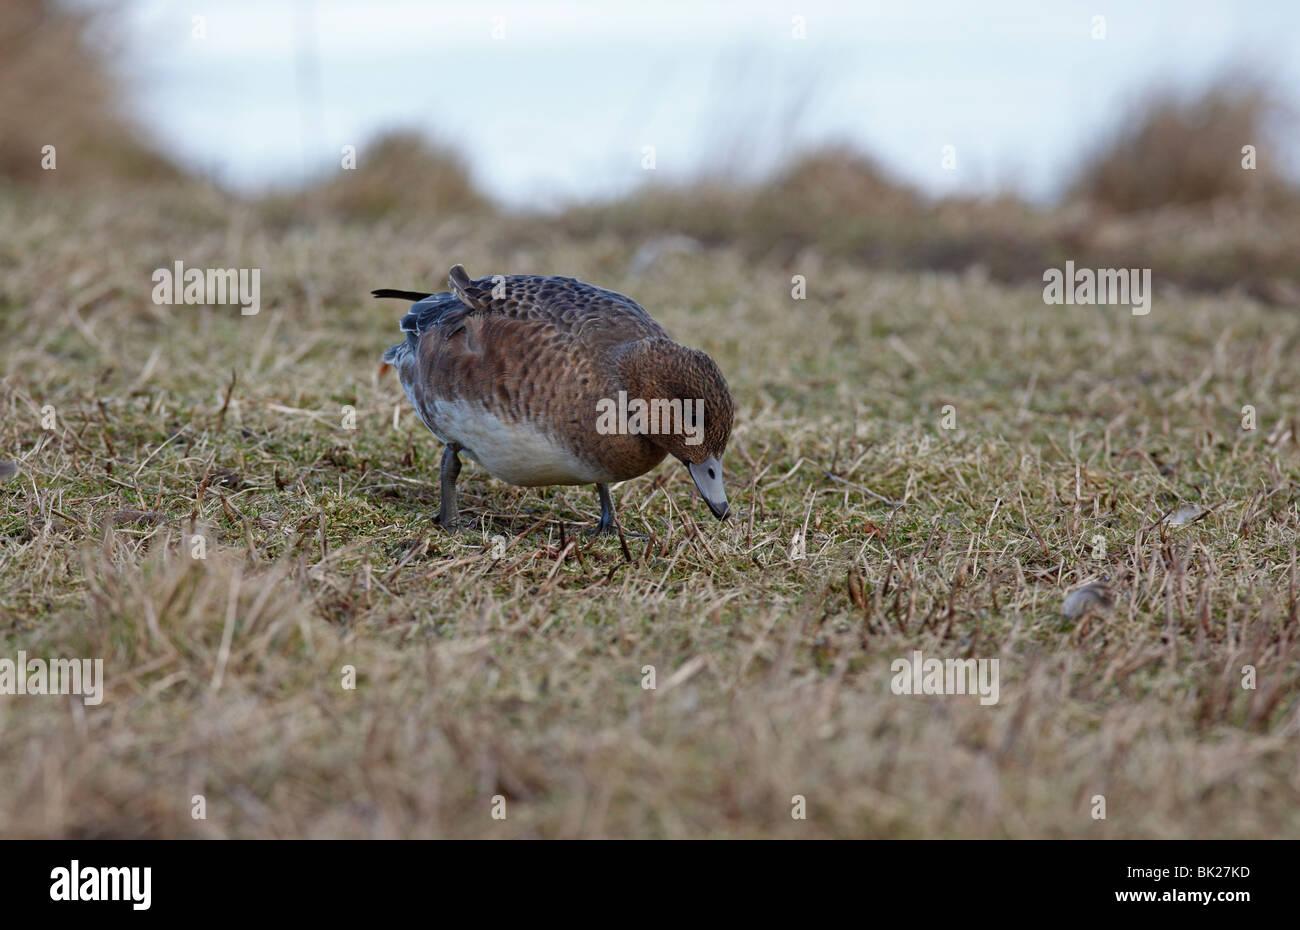 Wigeon (Anas penelope) grazing on marshland - Stock Image